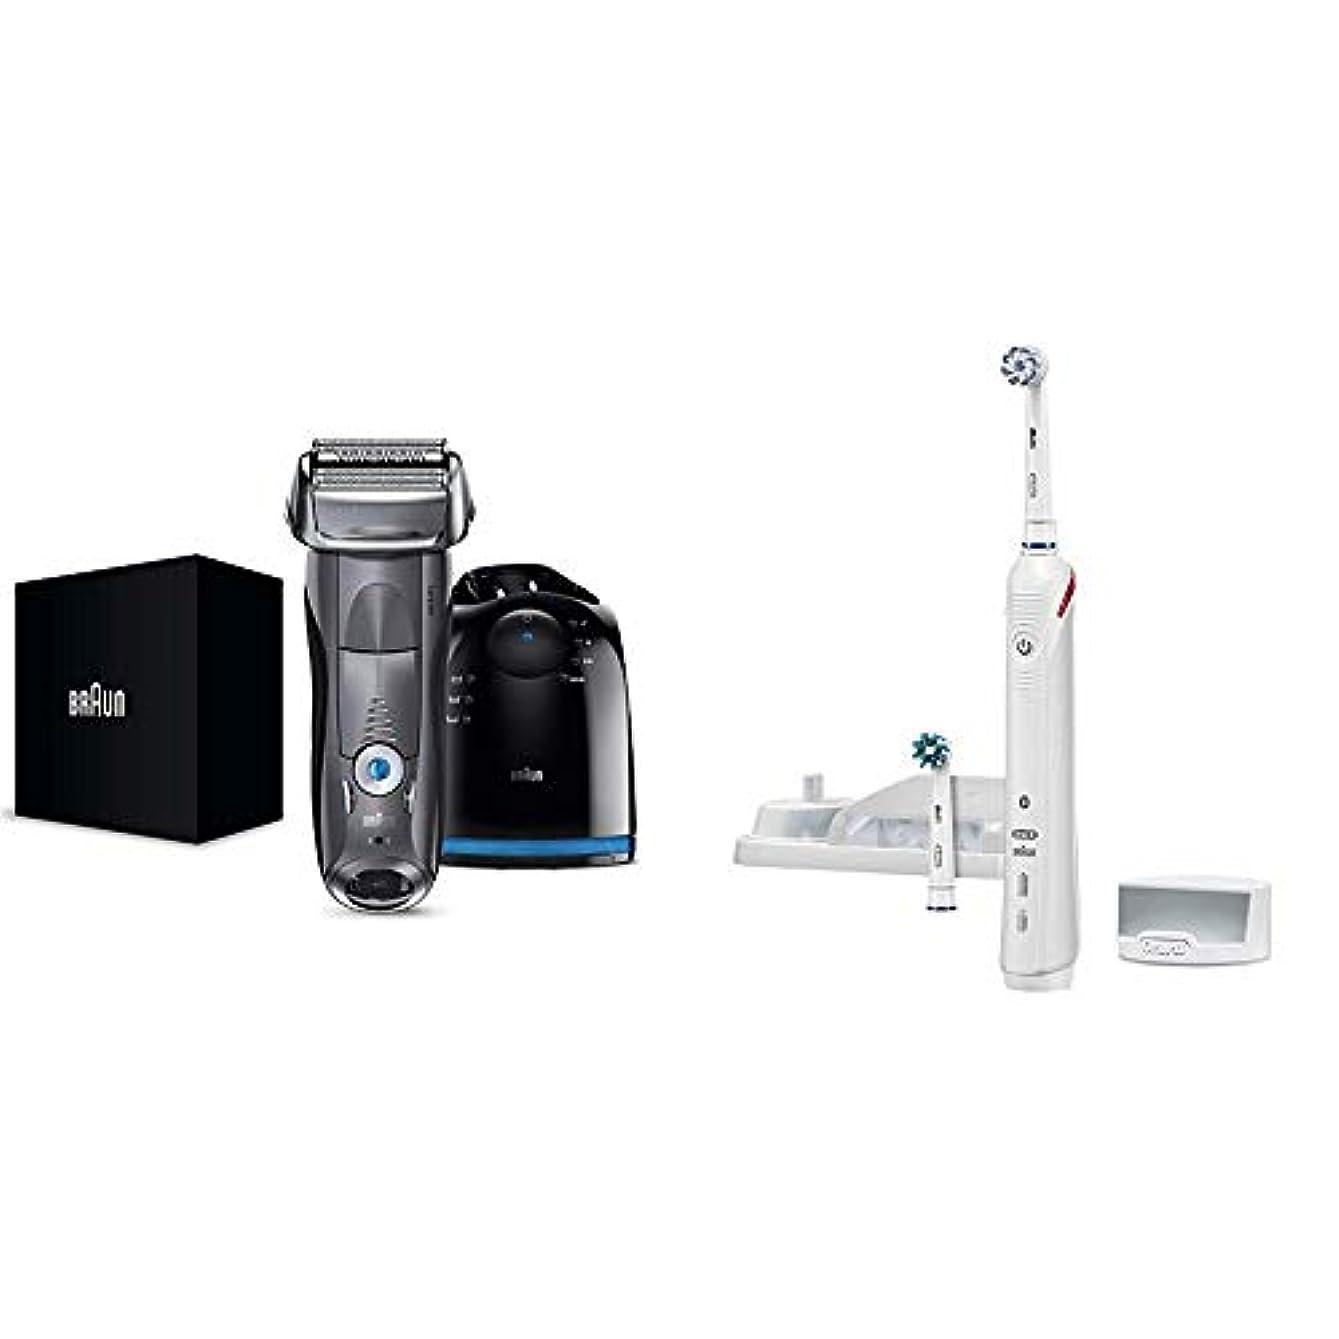 いつか柔和セットアップ【Amazon.co.jp 限定】ブラウン メンズ電気シェーバー シリーズ7 7867cc 4カットシステム 洗浄機付 水洗い/お風呂剃り可 & ブラウン オーラルB 電動歯ブラシ スマート4000 D6015253P